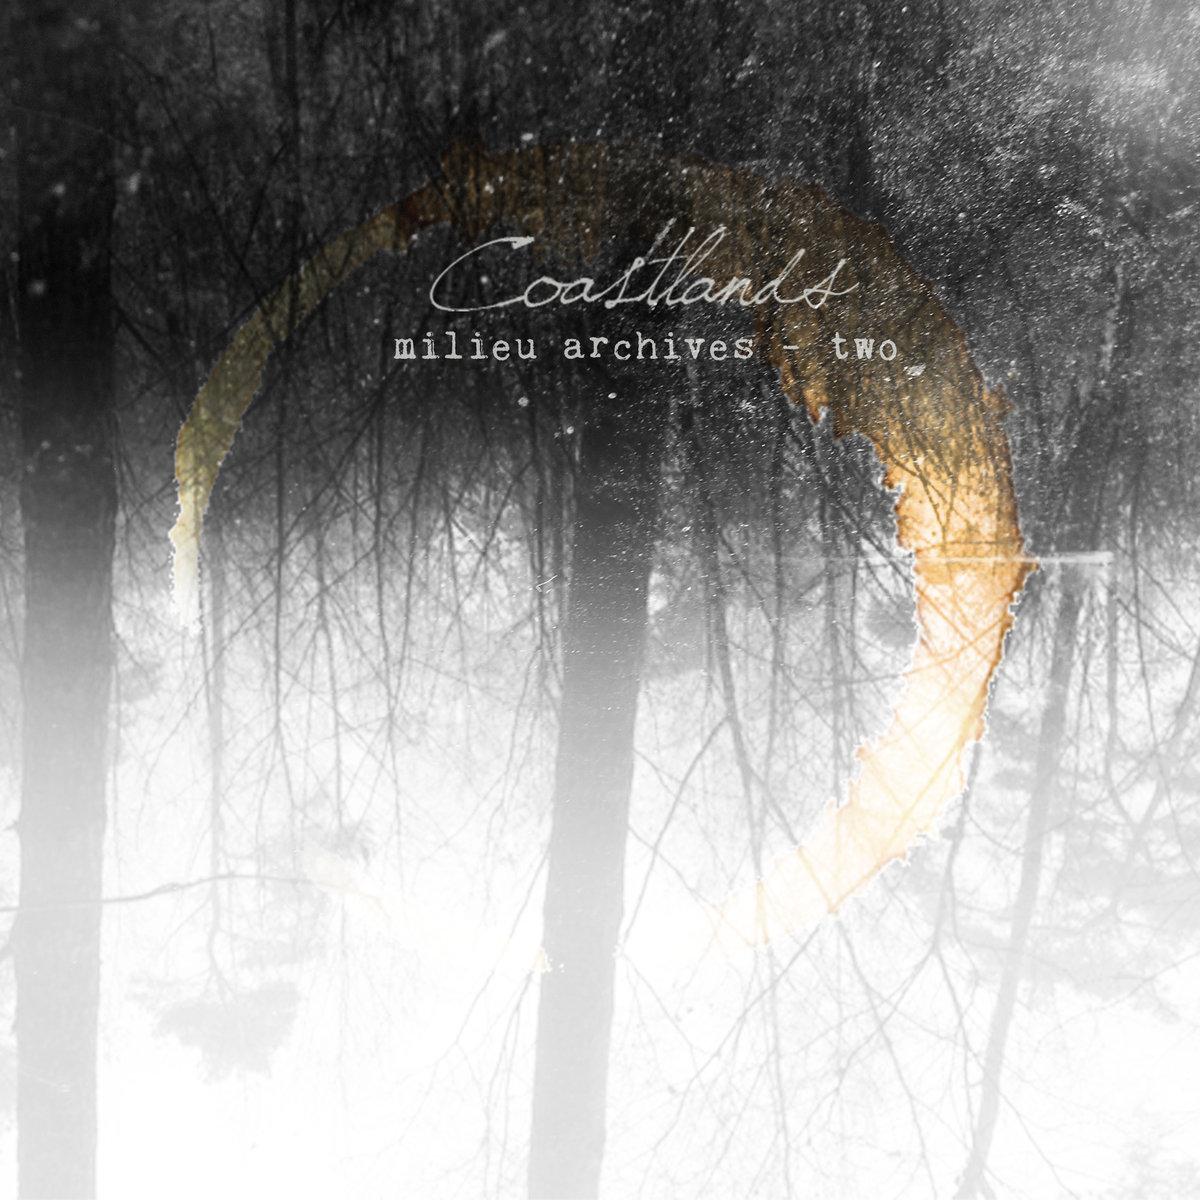 Milieu Archives: Two (post-rock) – Coastlands